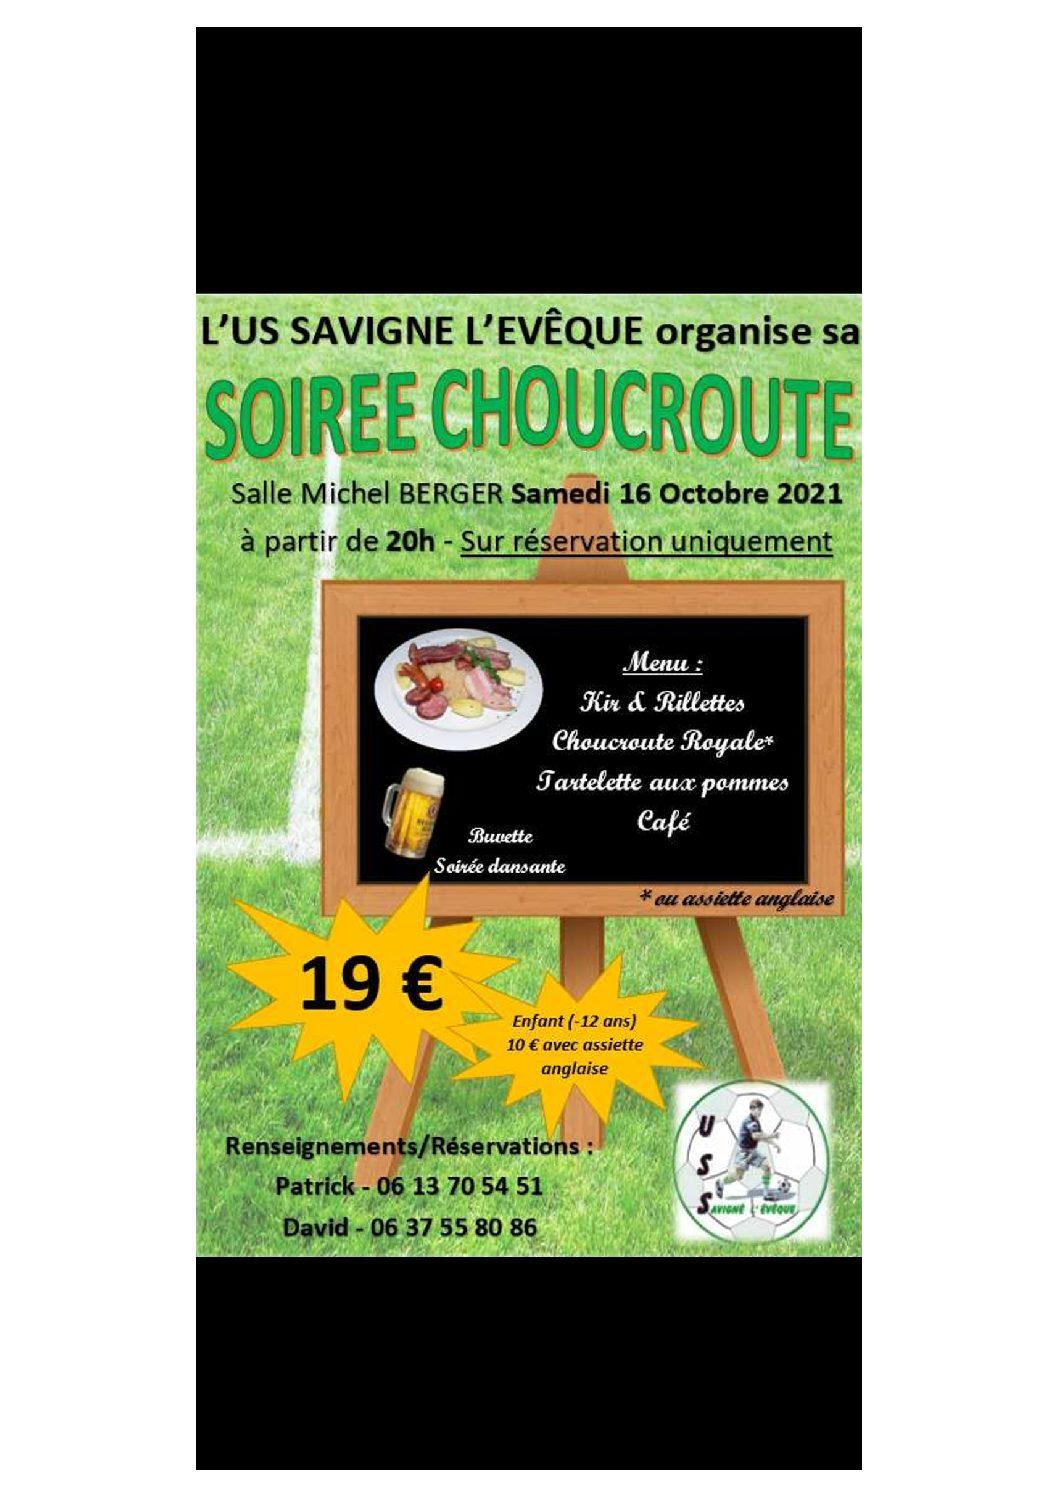 Soirée Choucroute 16/10/21 (ouverte à tous)